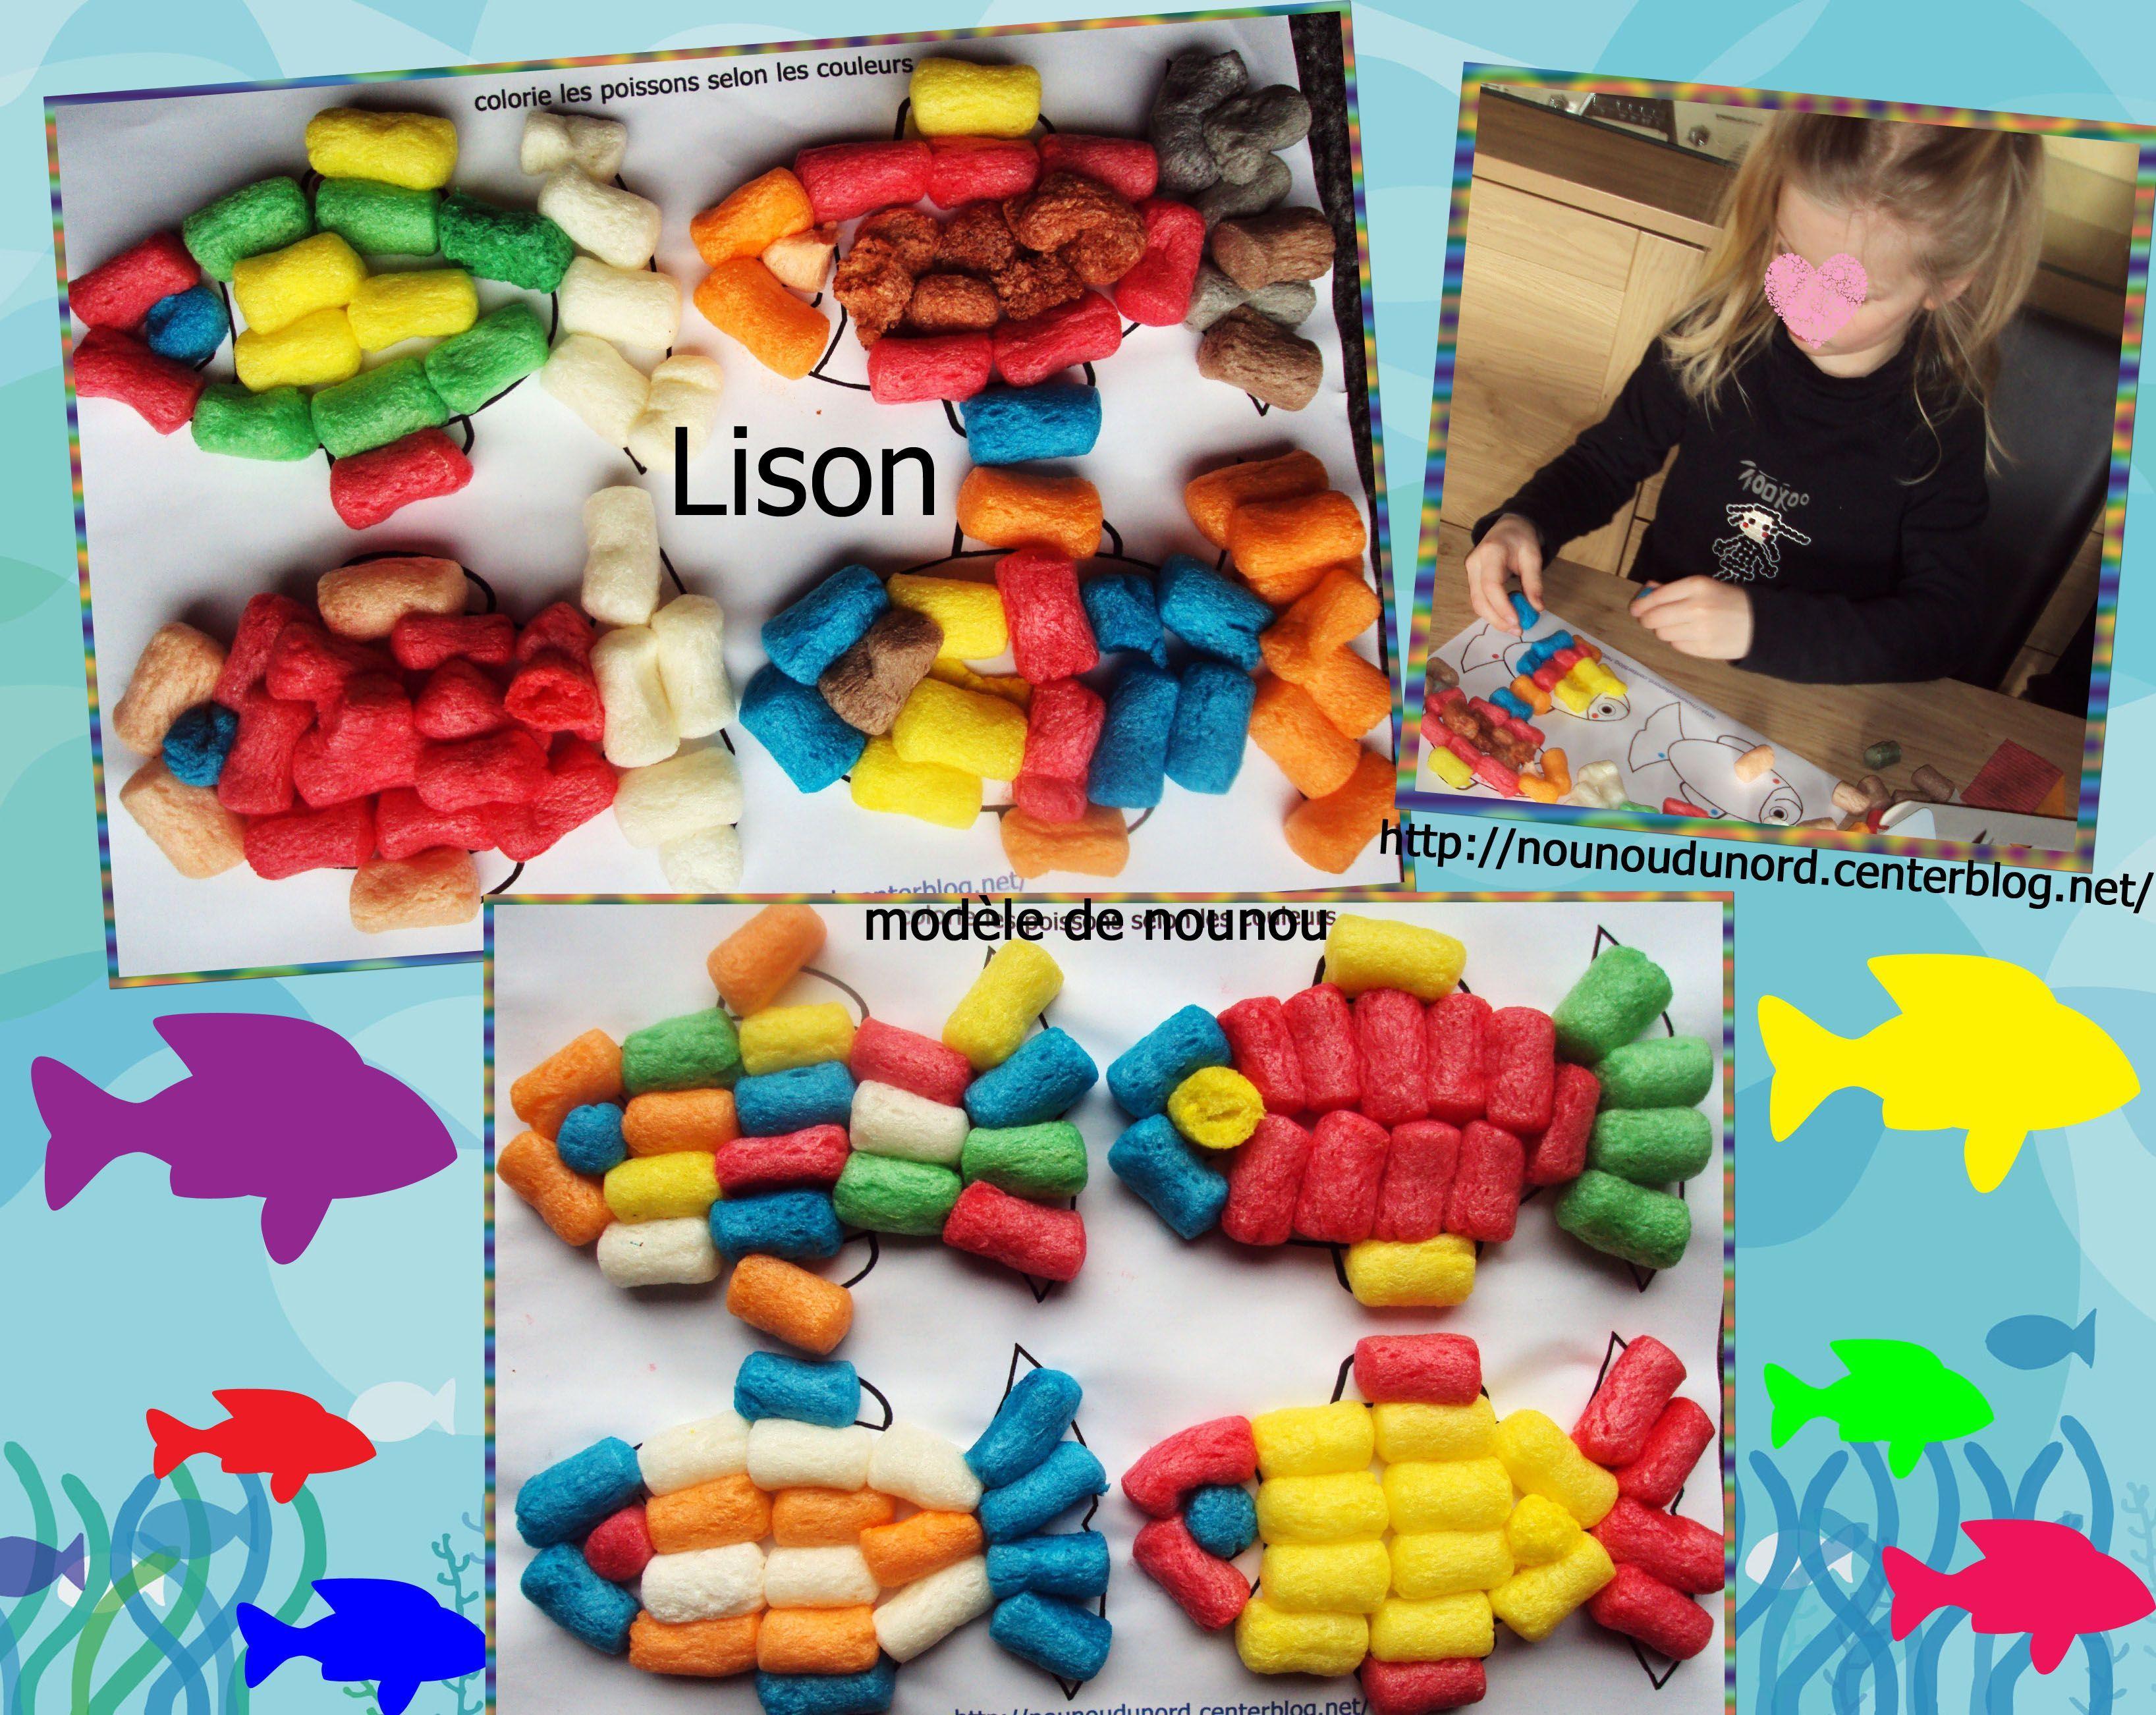 Poissons r alis s avec des flocons de ma s 2012 for Flocon poisson